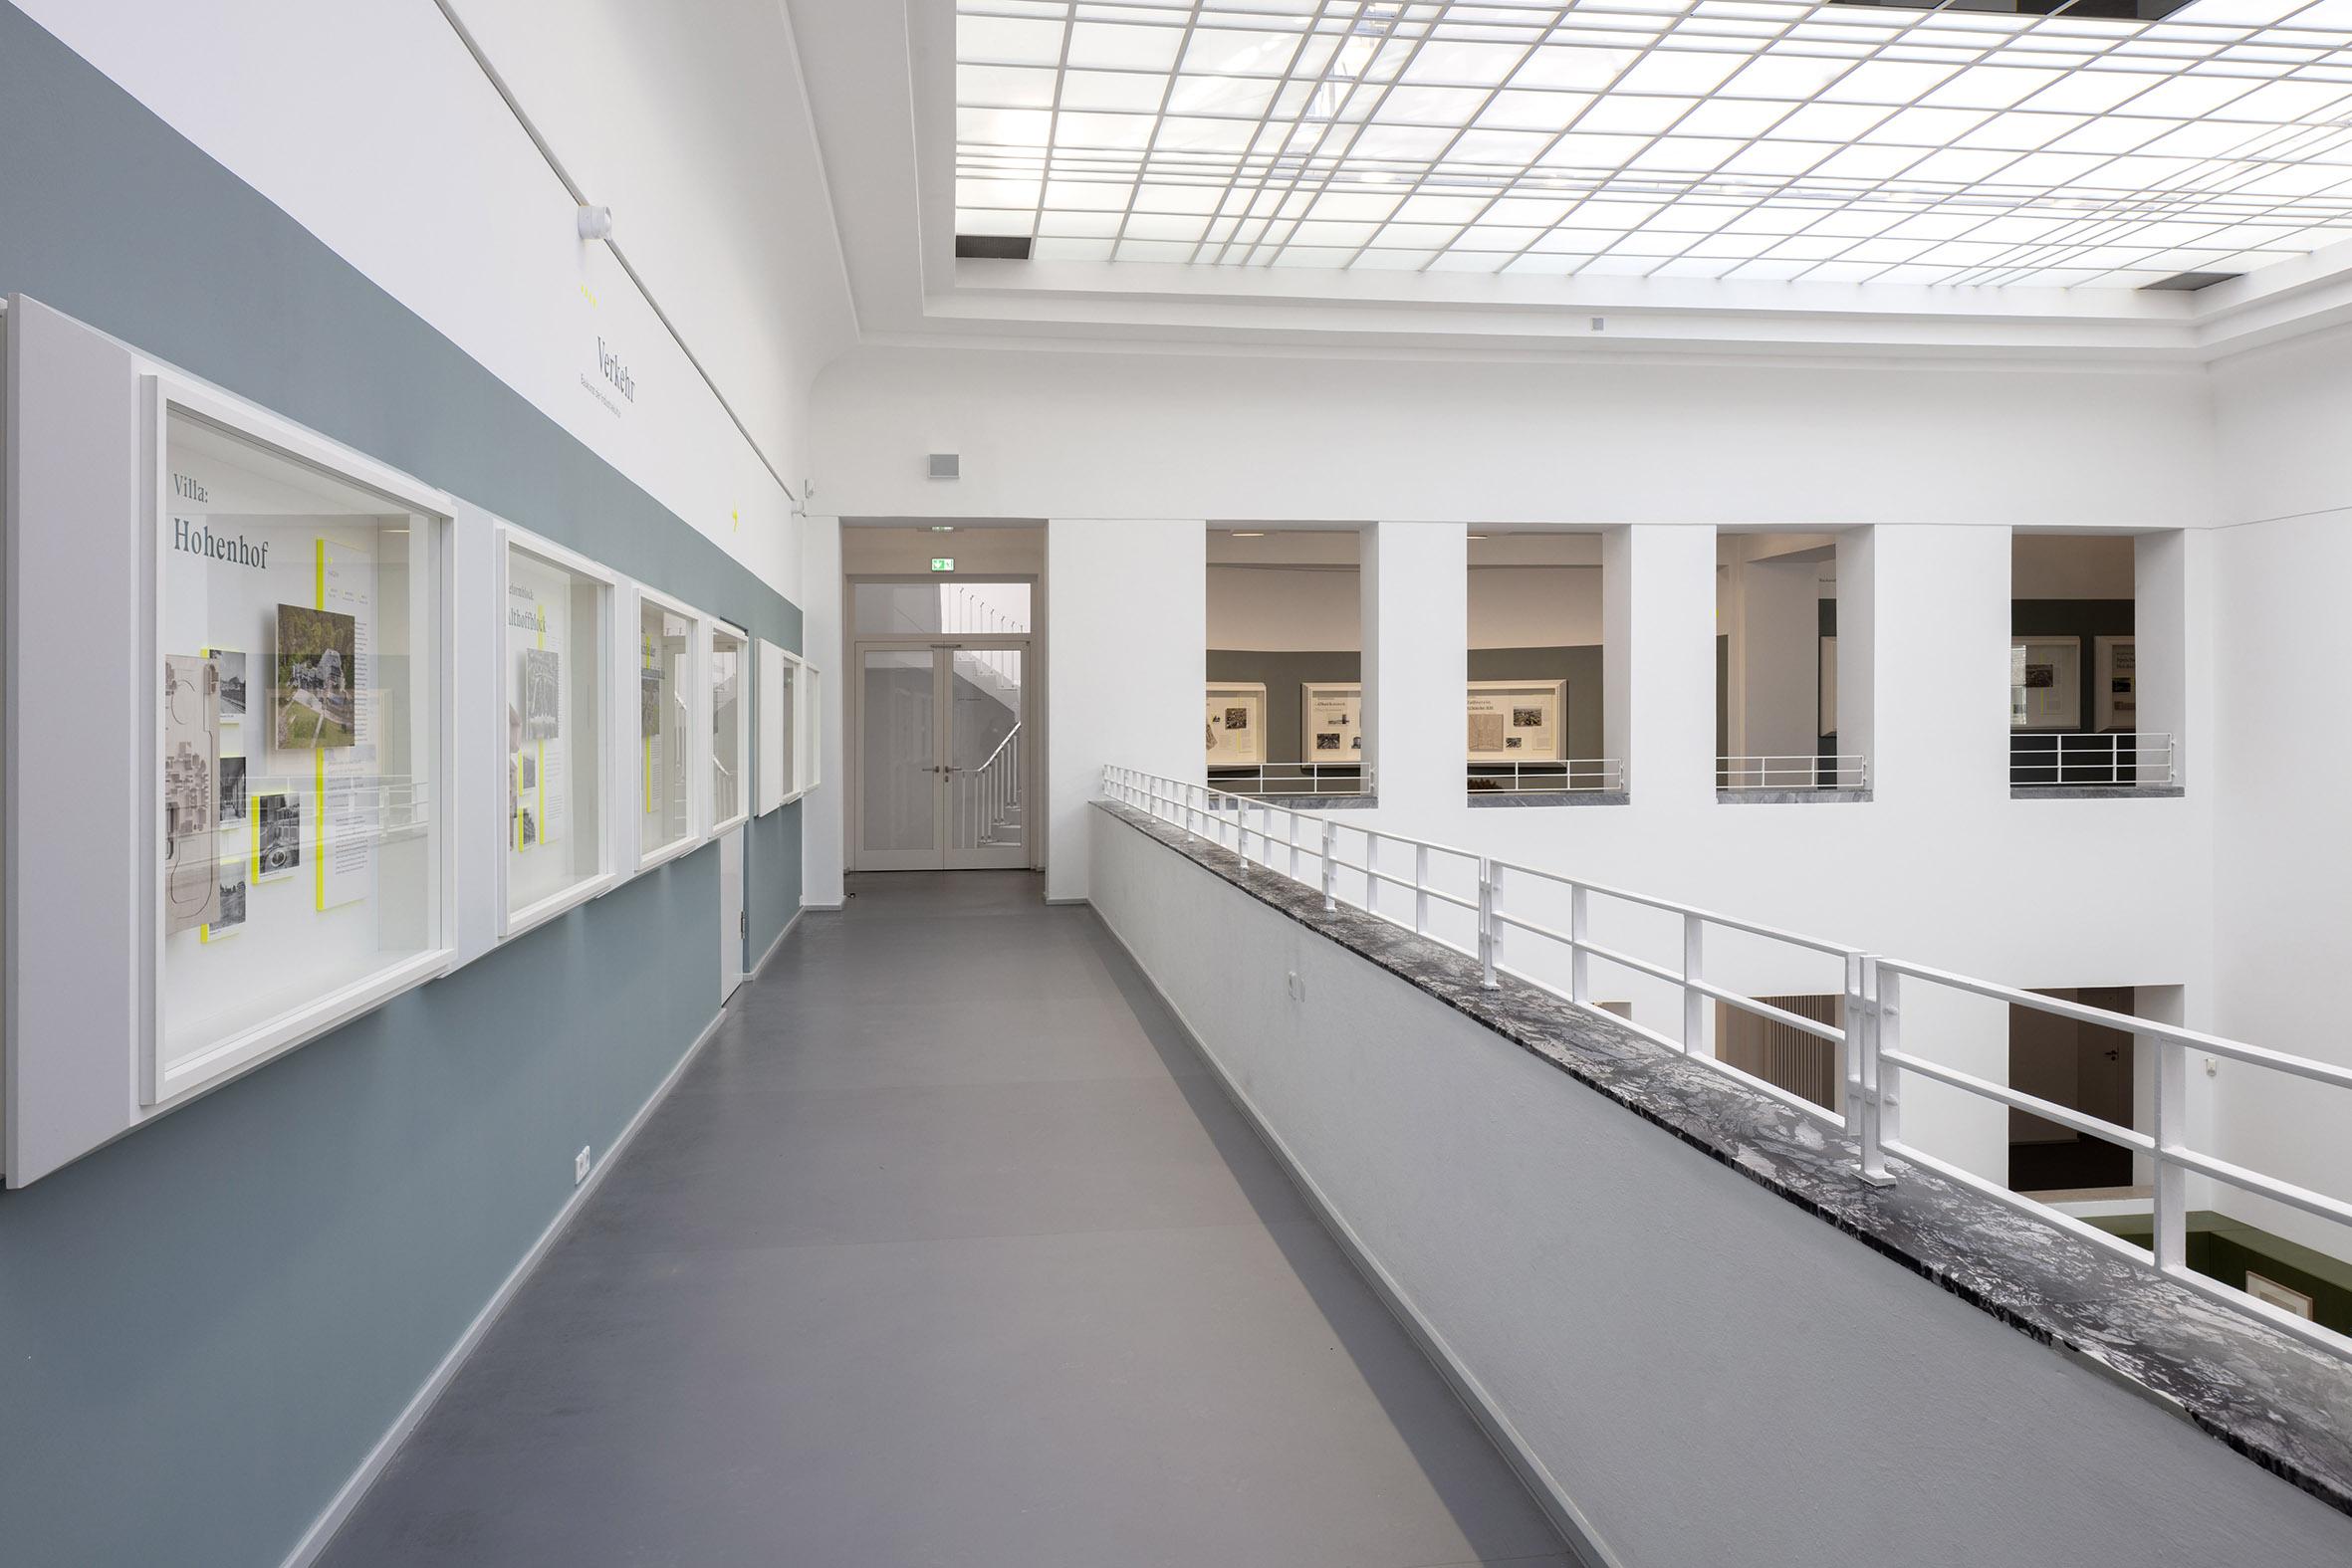 Dauerausstellung Impulse, Blick in die Galerie des Baukunstarchivs NRW;Foto: Detlef Podehl